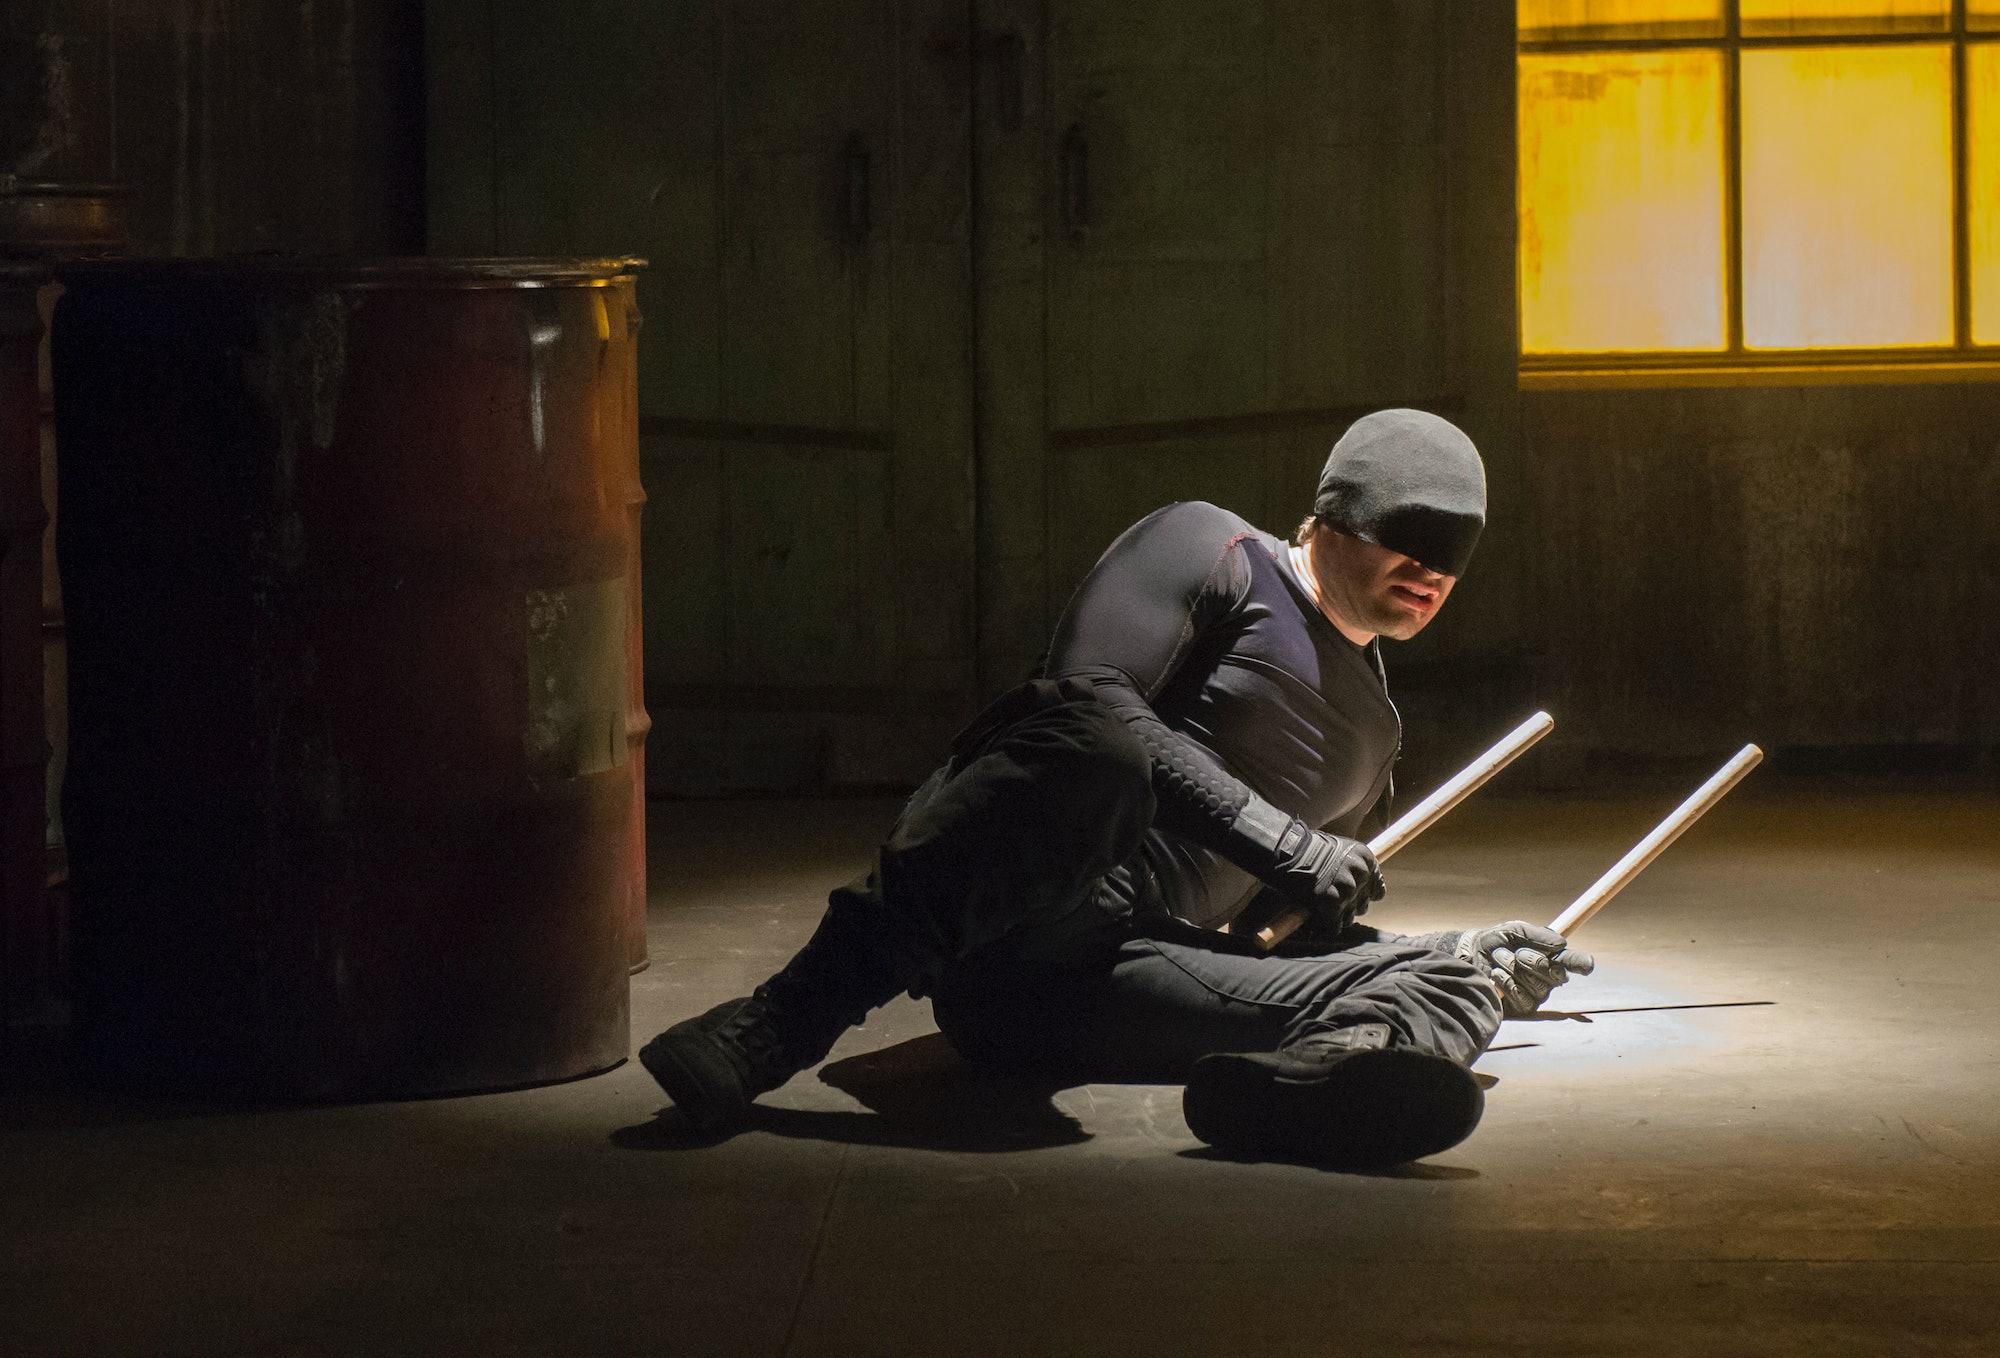 Daredevil Netflix Cosplay Halloween